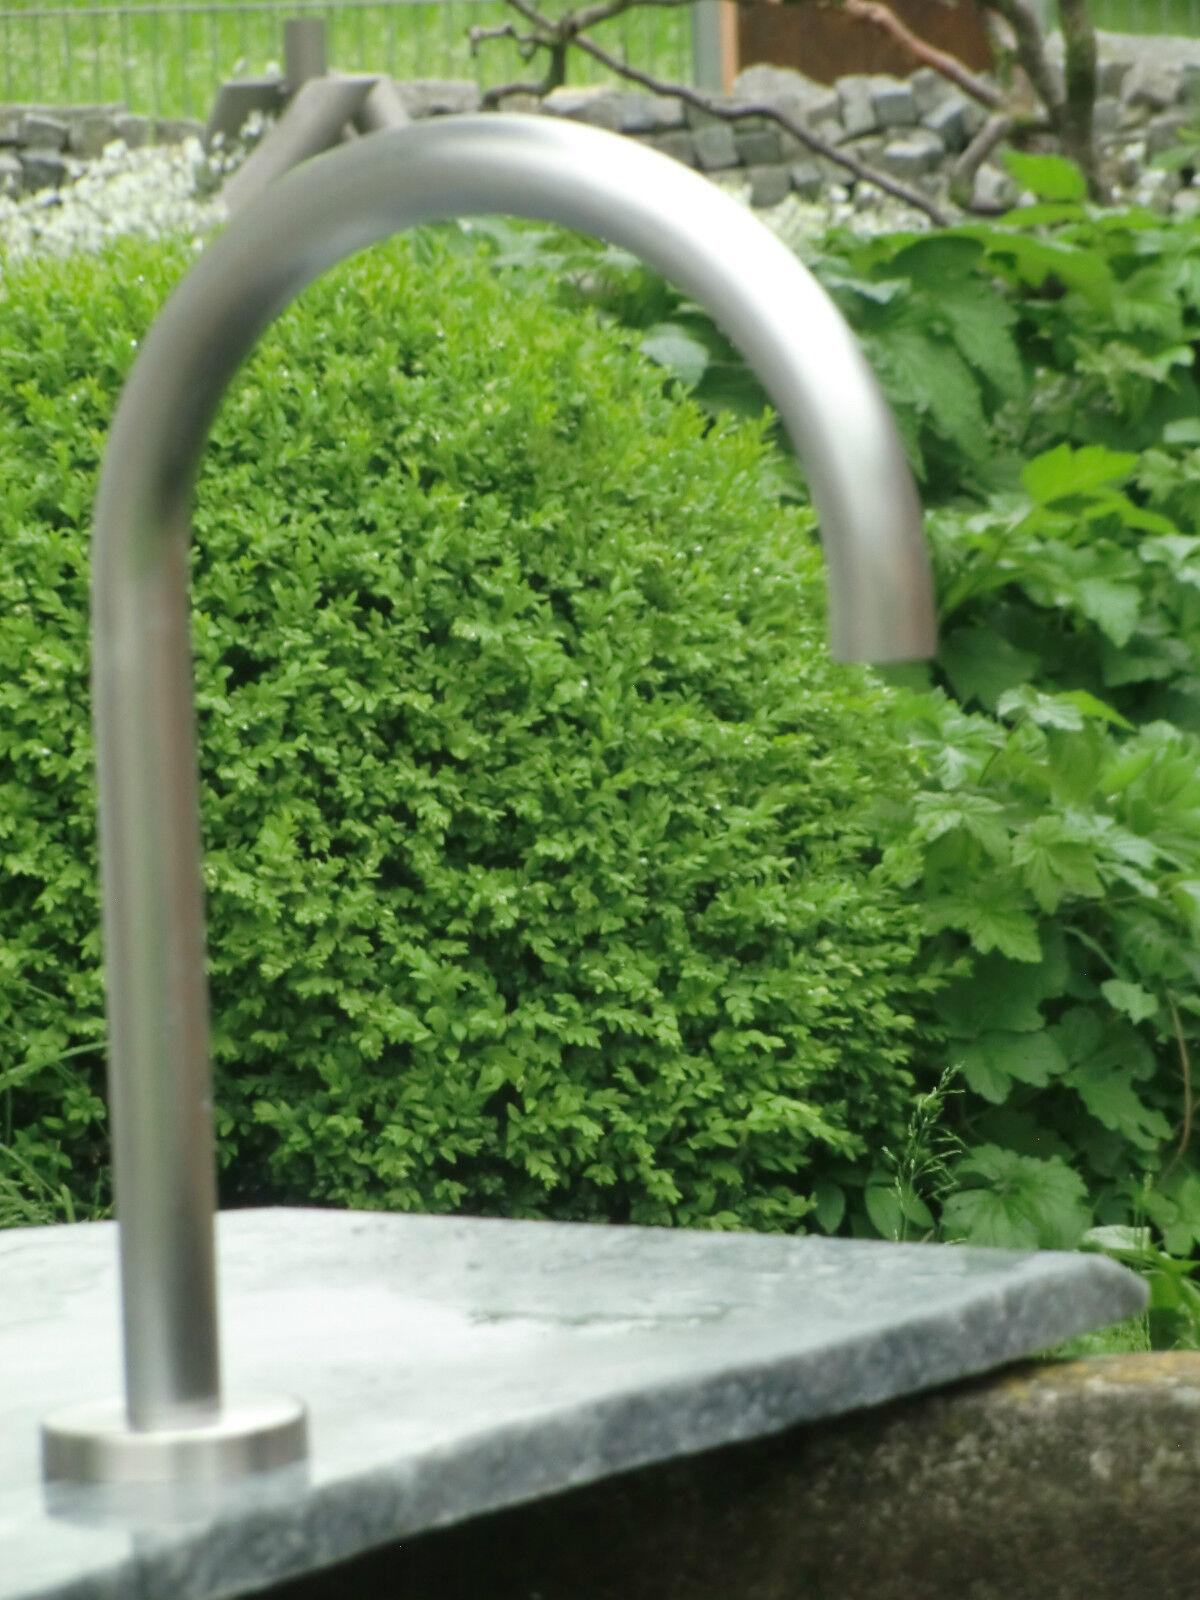 Wasserauslauf Brunnen.Brunnenbogen Wasserauslauf Brunnen Einlauf Schwanenhals Wasserspeier Edelstahl